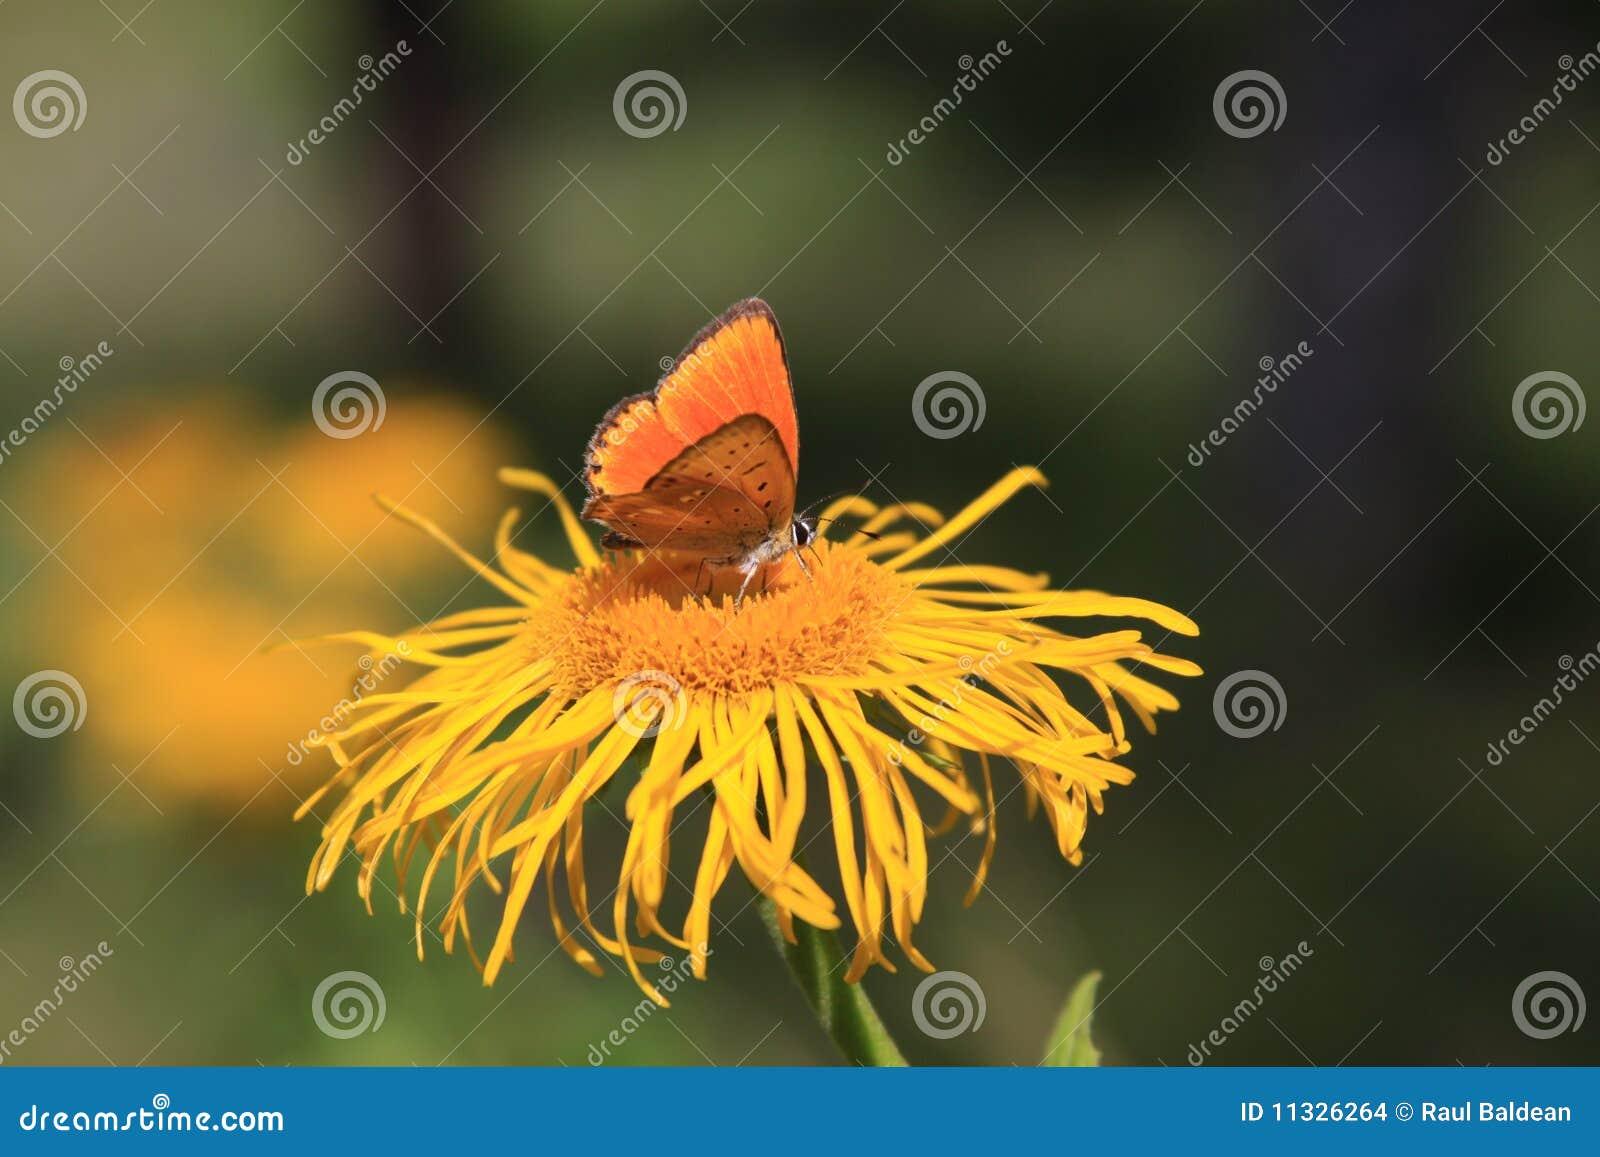 Orange Basisrecheneinheit auf gelber Blume